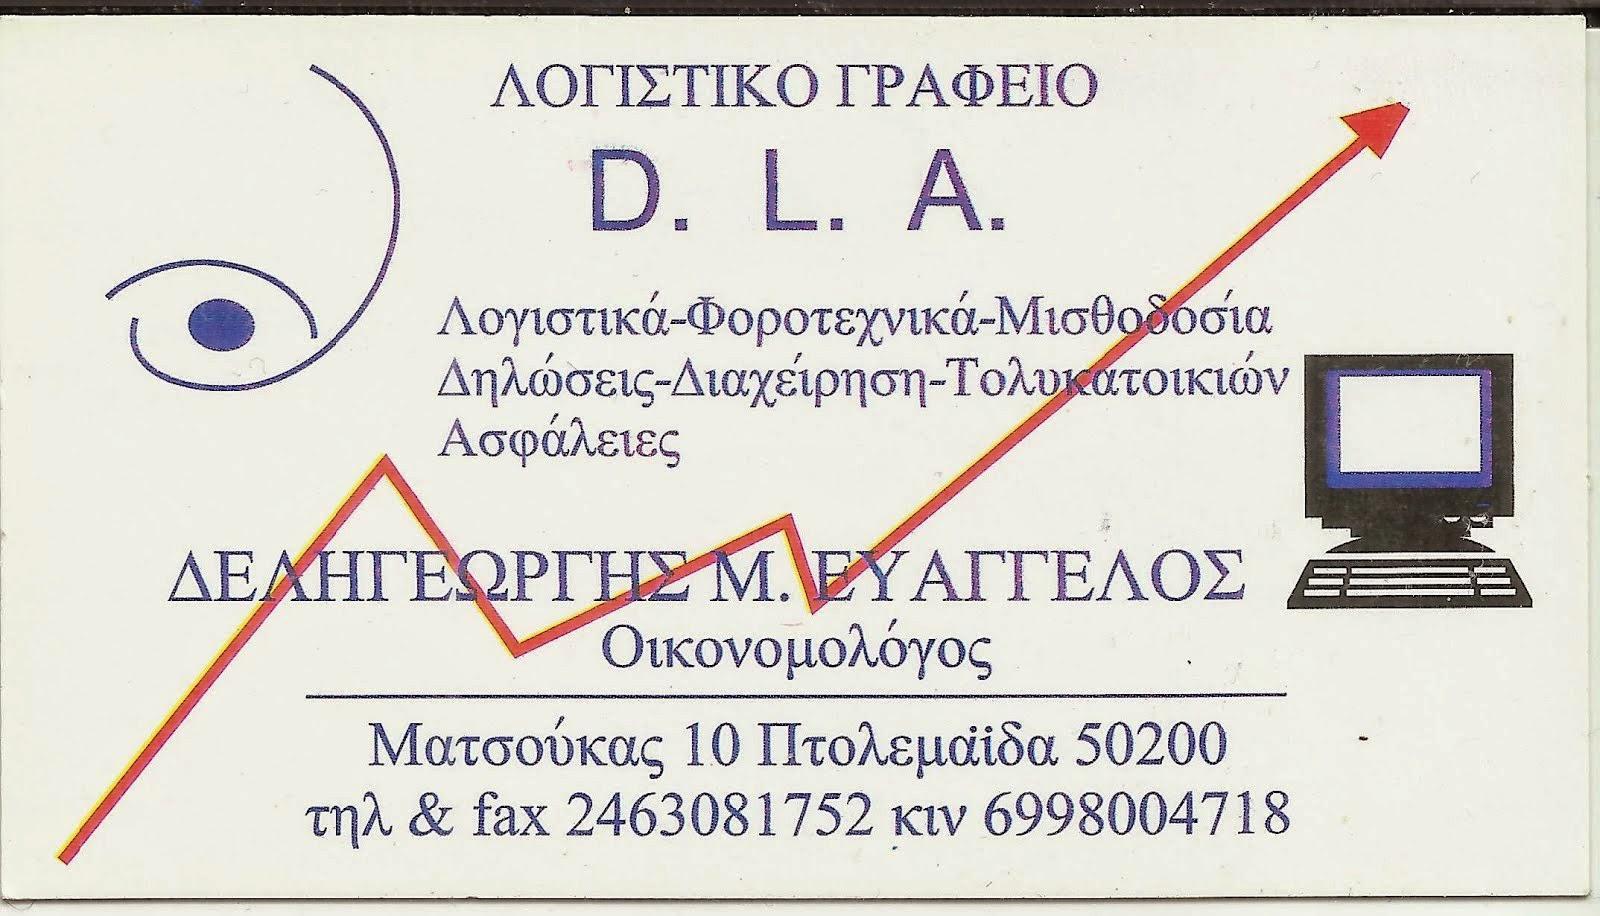 ΛΟΓΙΣΤΙΚΟ ΓΡΑΦΕΙΟ ΕΥ.Μ.ΔΕΛΗΓΕΩΡΓΗΣ